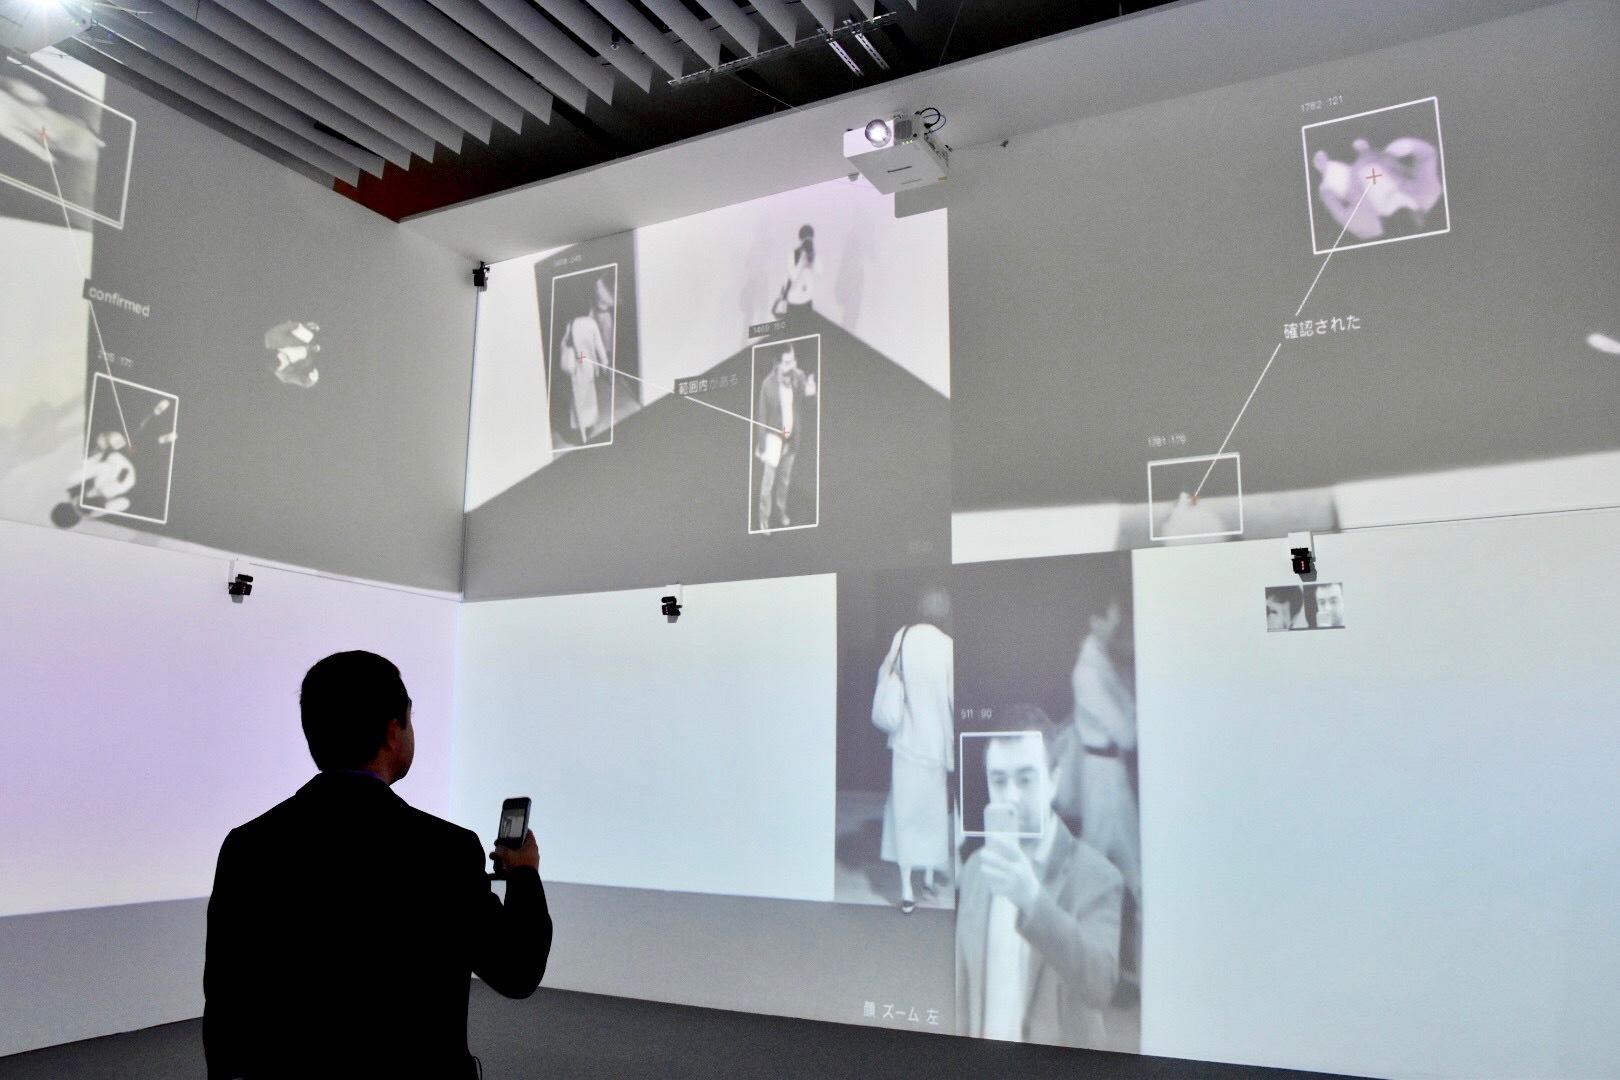 顔認識のセンサーと監視カメラを使い、室内の鑑賞者が検出される。 ラファエル・ロサノ=へメル&クシュシトフ・ウディチコ 《ズーム・パビリオン》 2015年